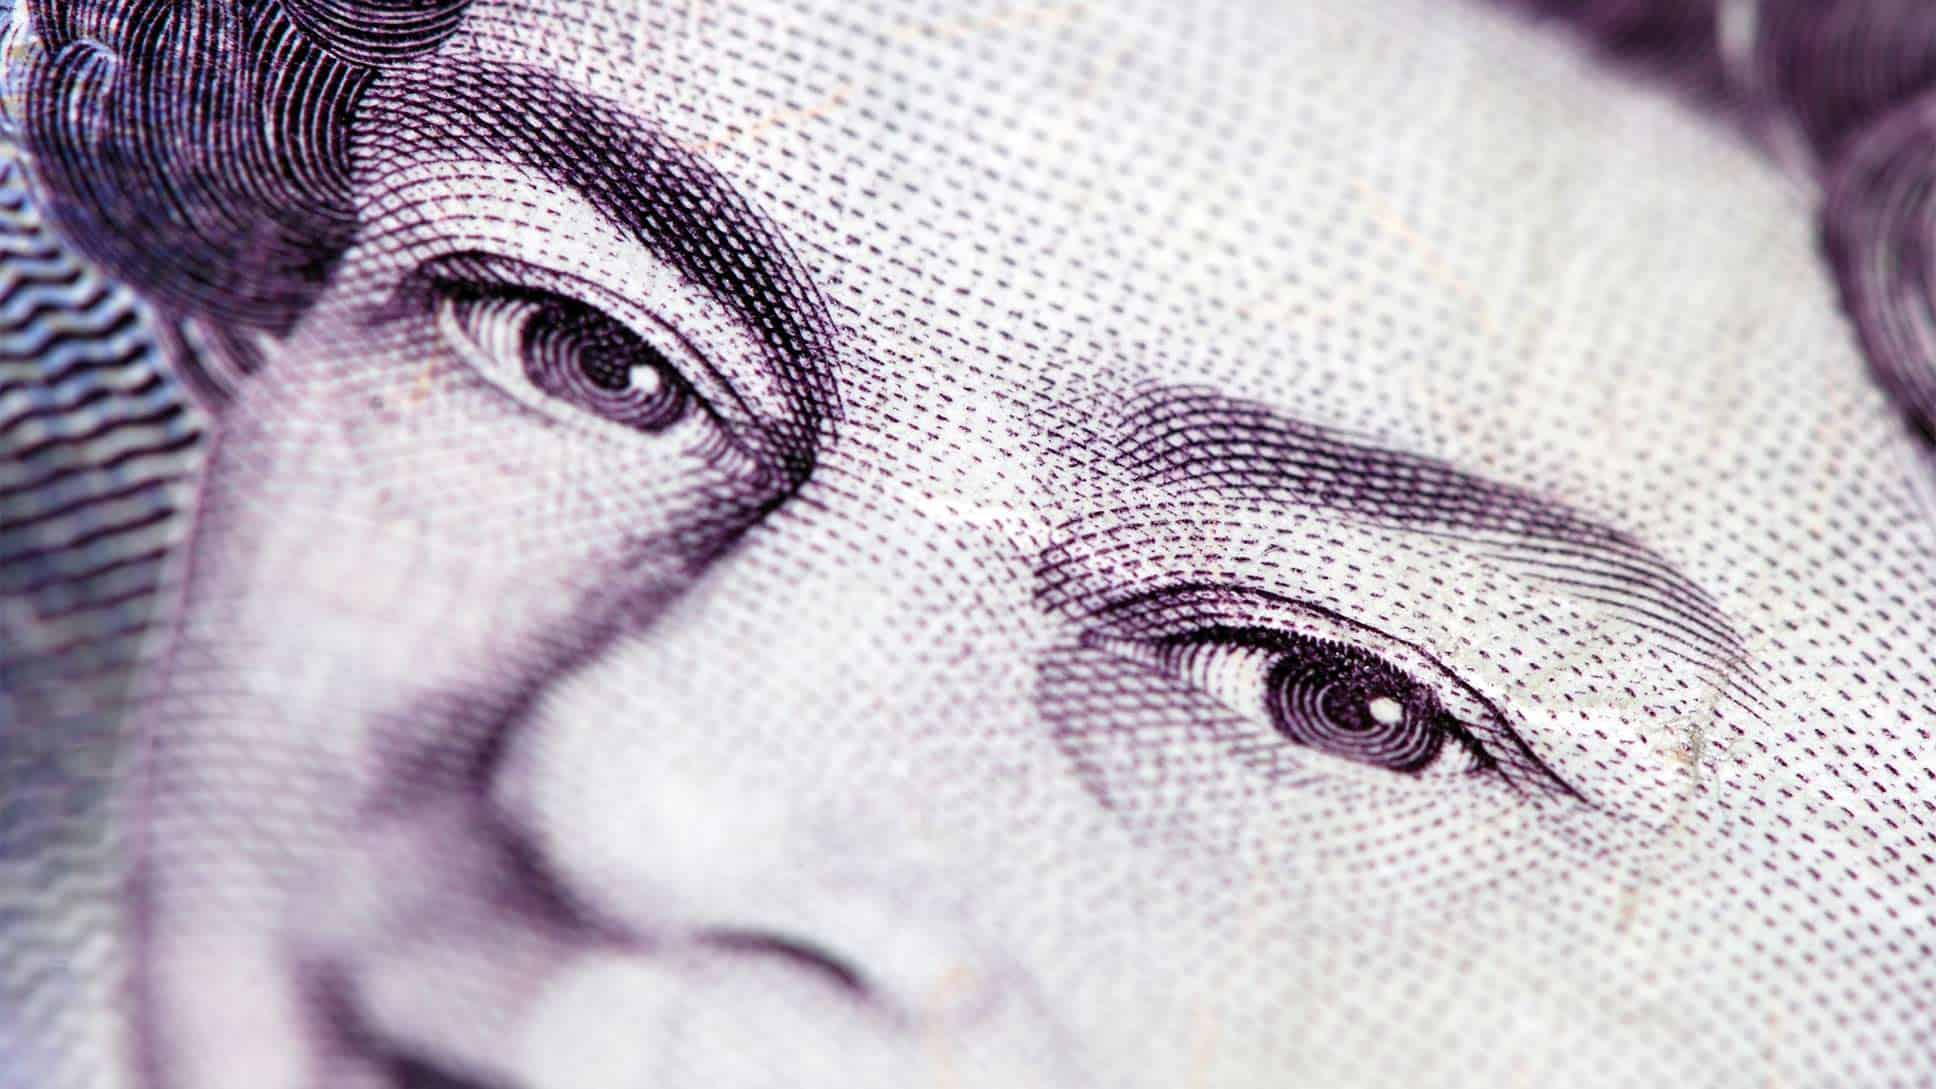 Queen's image on money